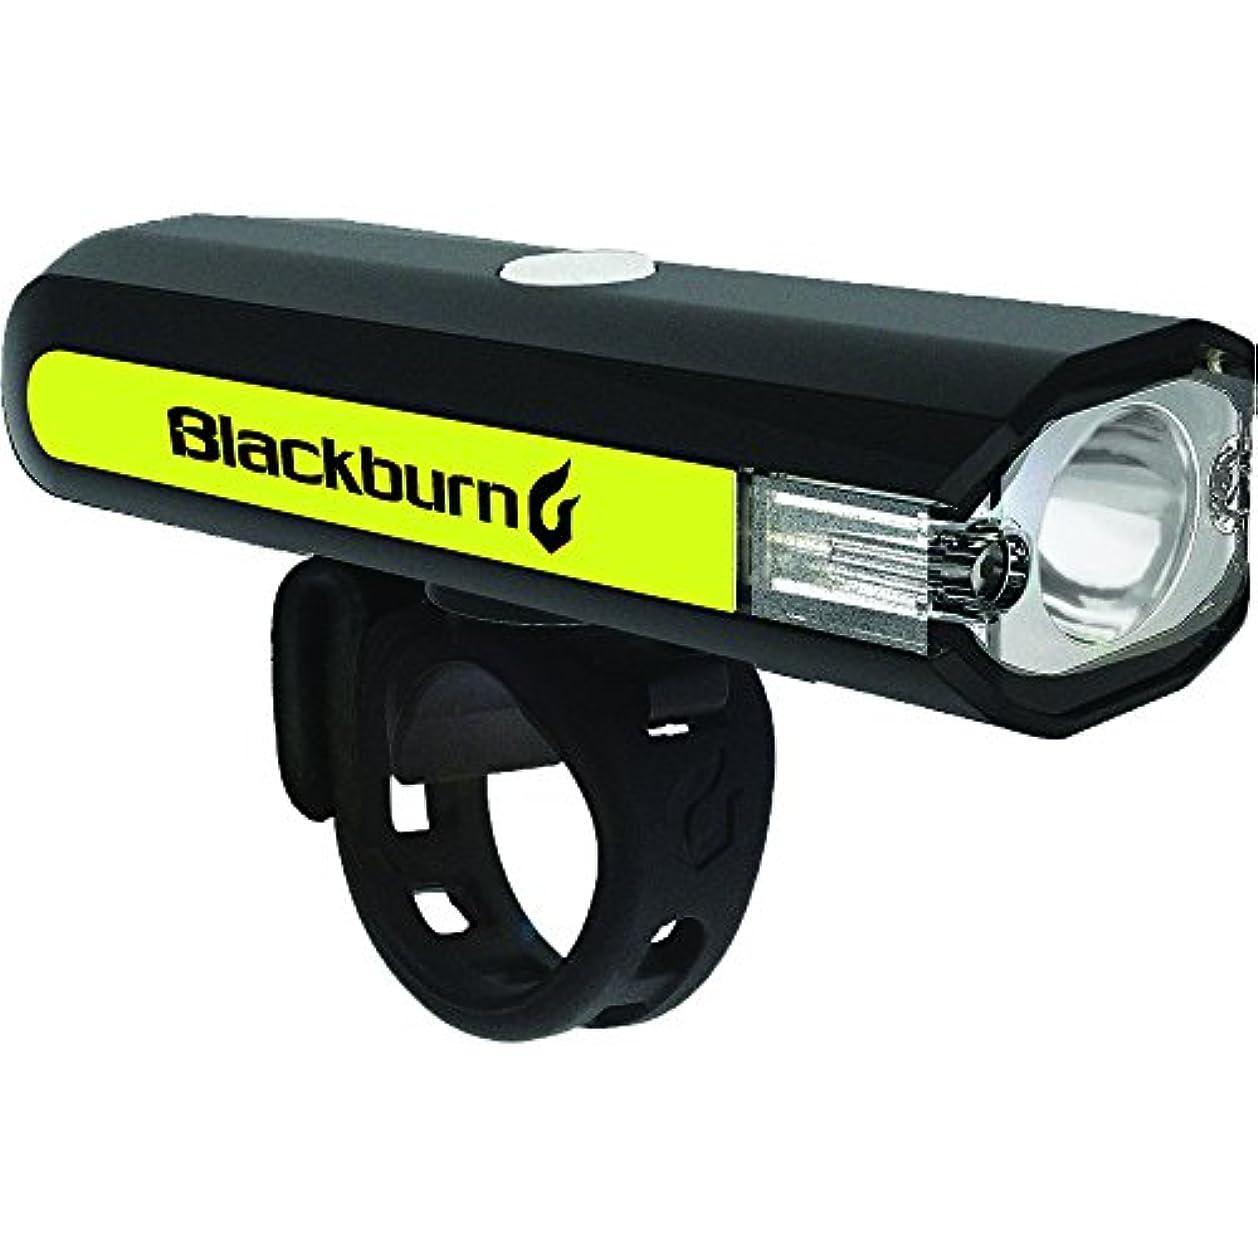 メーター参照振るうBlackburn(ブラックバーン) Blackburn(ブラックバーン) 自転車 ライト サイクル 完全防水 完全防塵 IP-67 LED USB コンパクト ハイパワー 350ルーメン CENTRAL [セントラル350マイクロフロント イエロー] 7085503